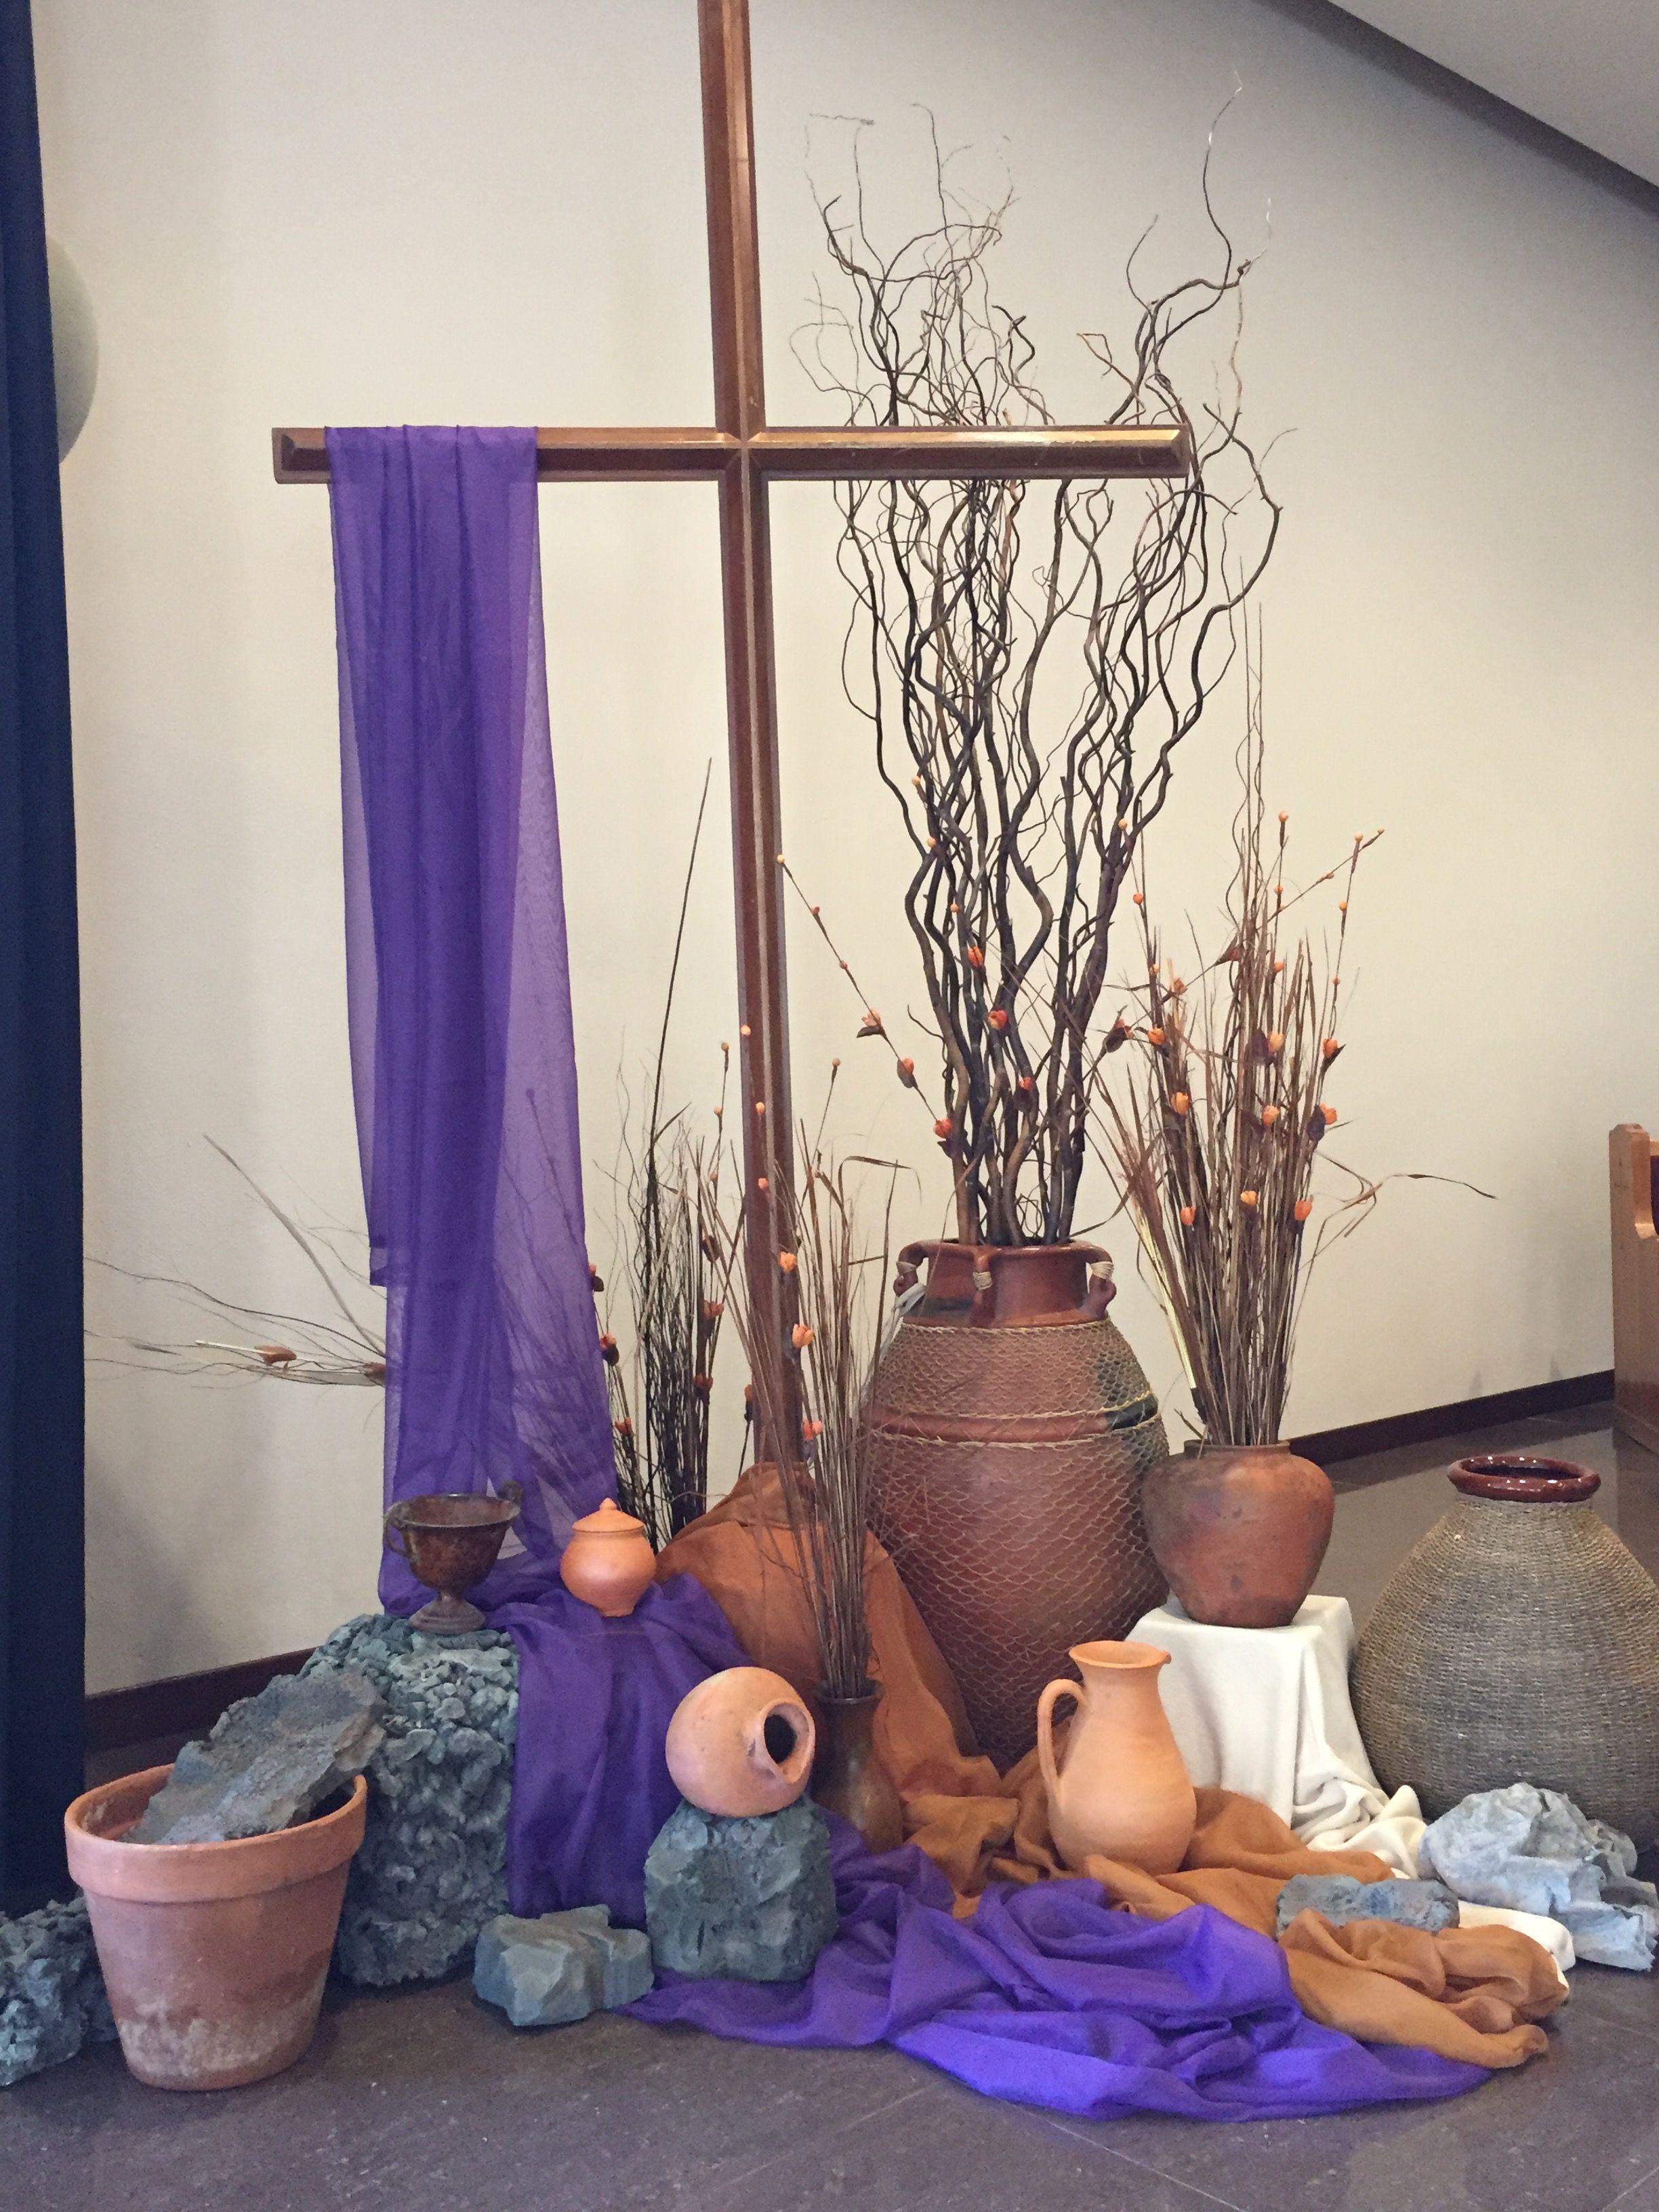 SEMANA SANTA escola sabatina jovem Decorações de altar, Decoraç u00e3o de igreja evangelica e